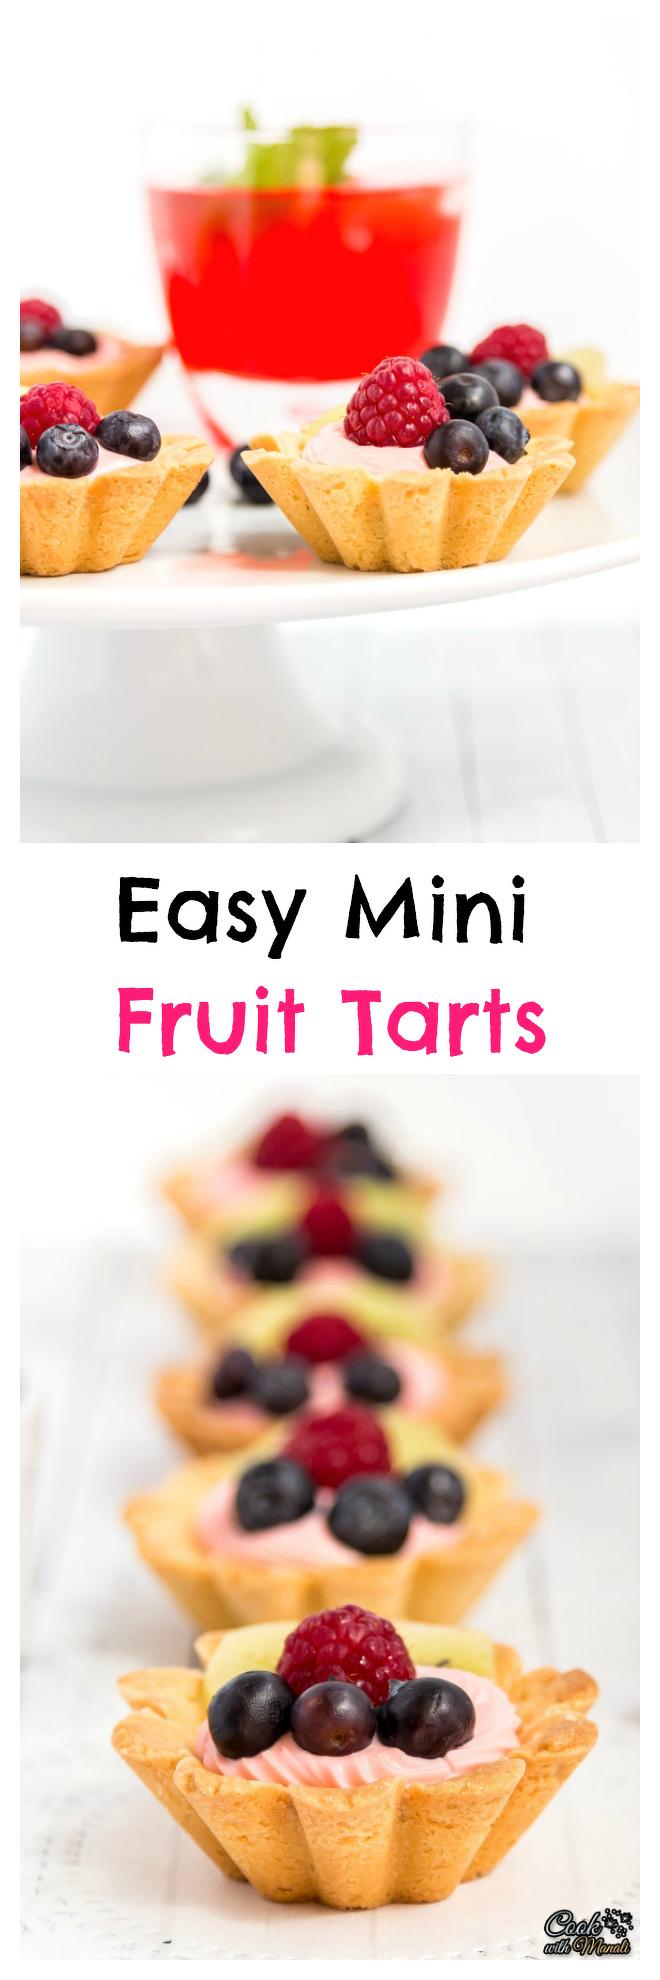 Mini Fruit Tarts Collage-nocwm